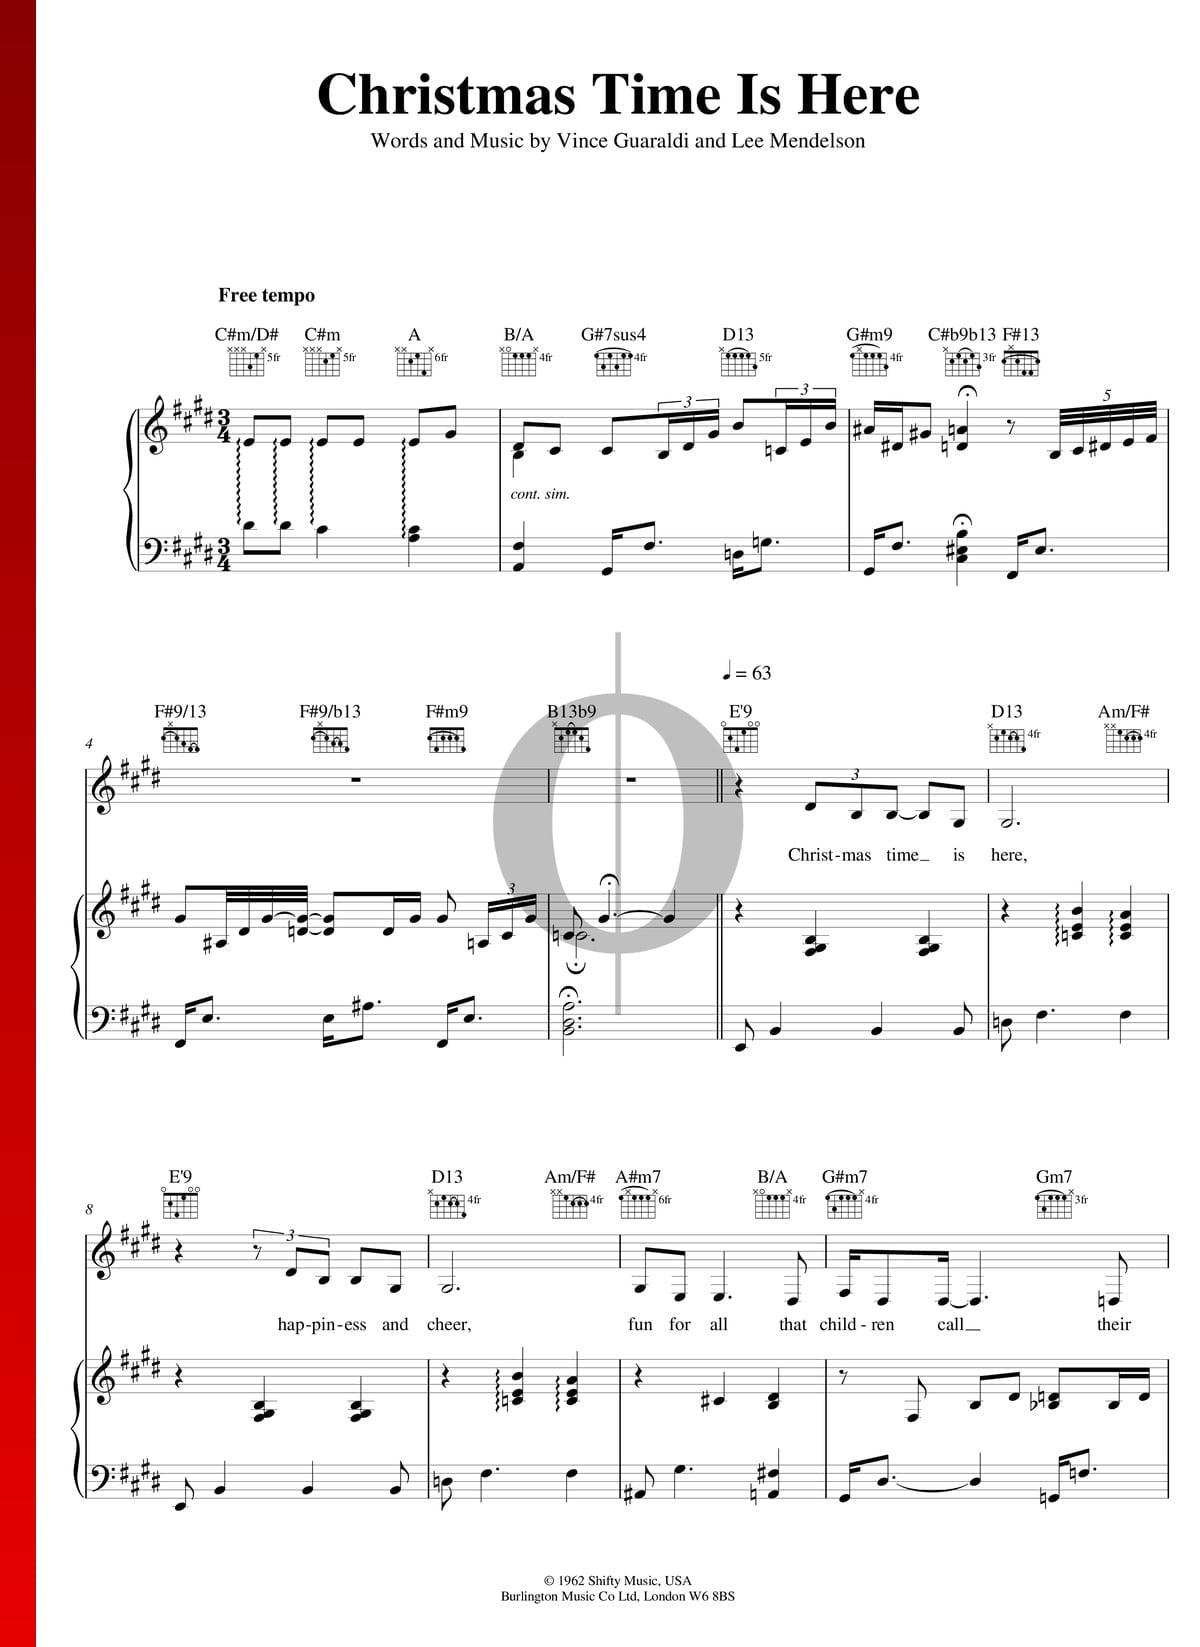 Christmas Time Is Here Sheet Music.Christmas Time Is Here Sheet Music Piano Voice Guitar